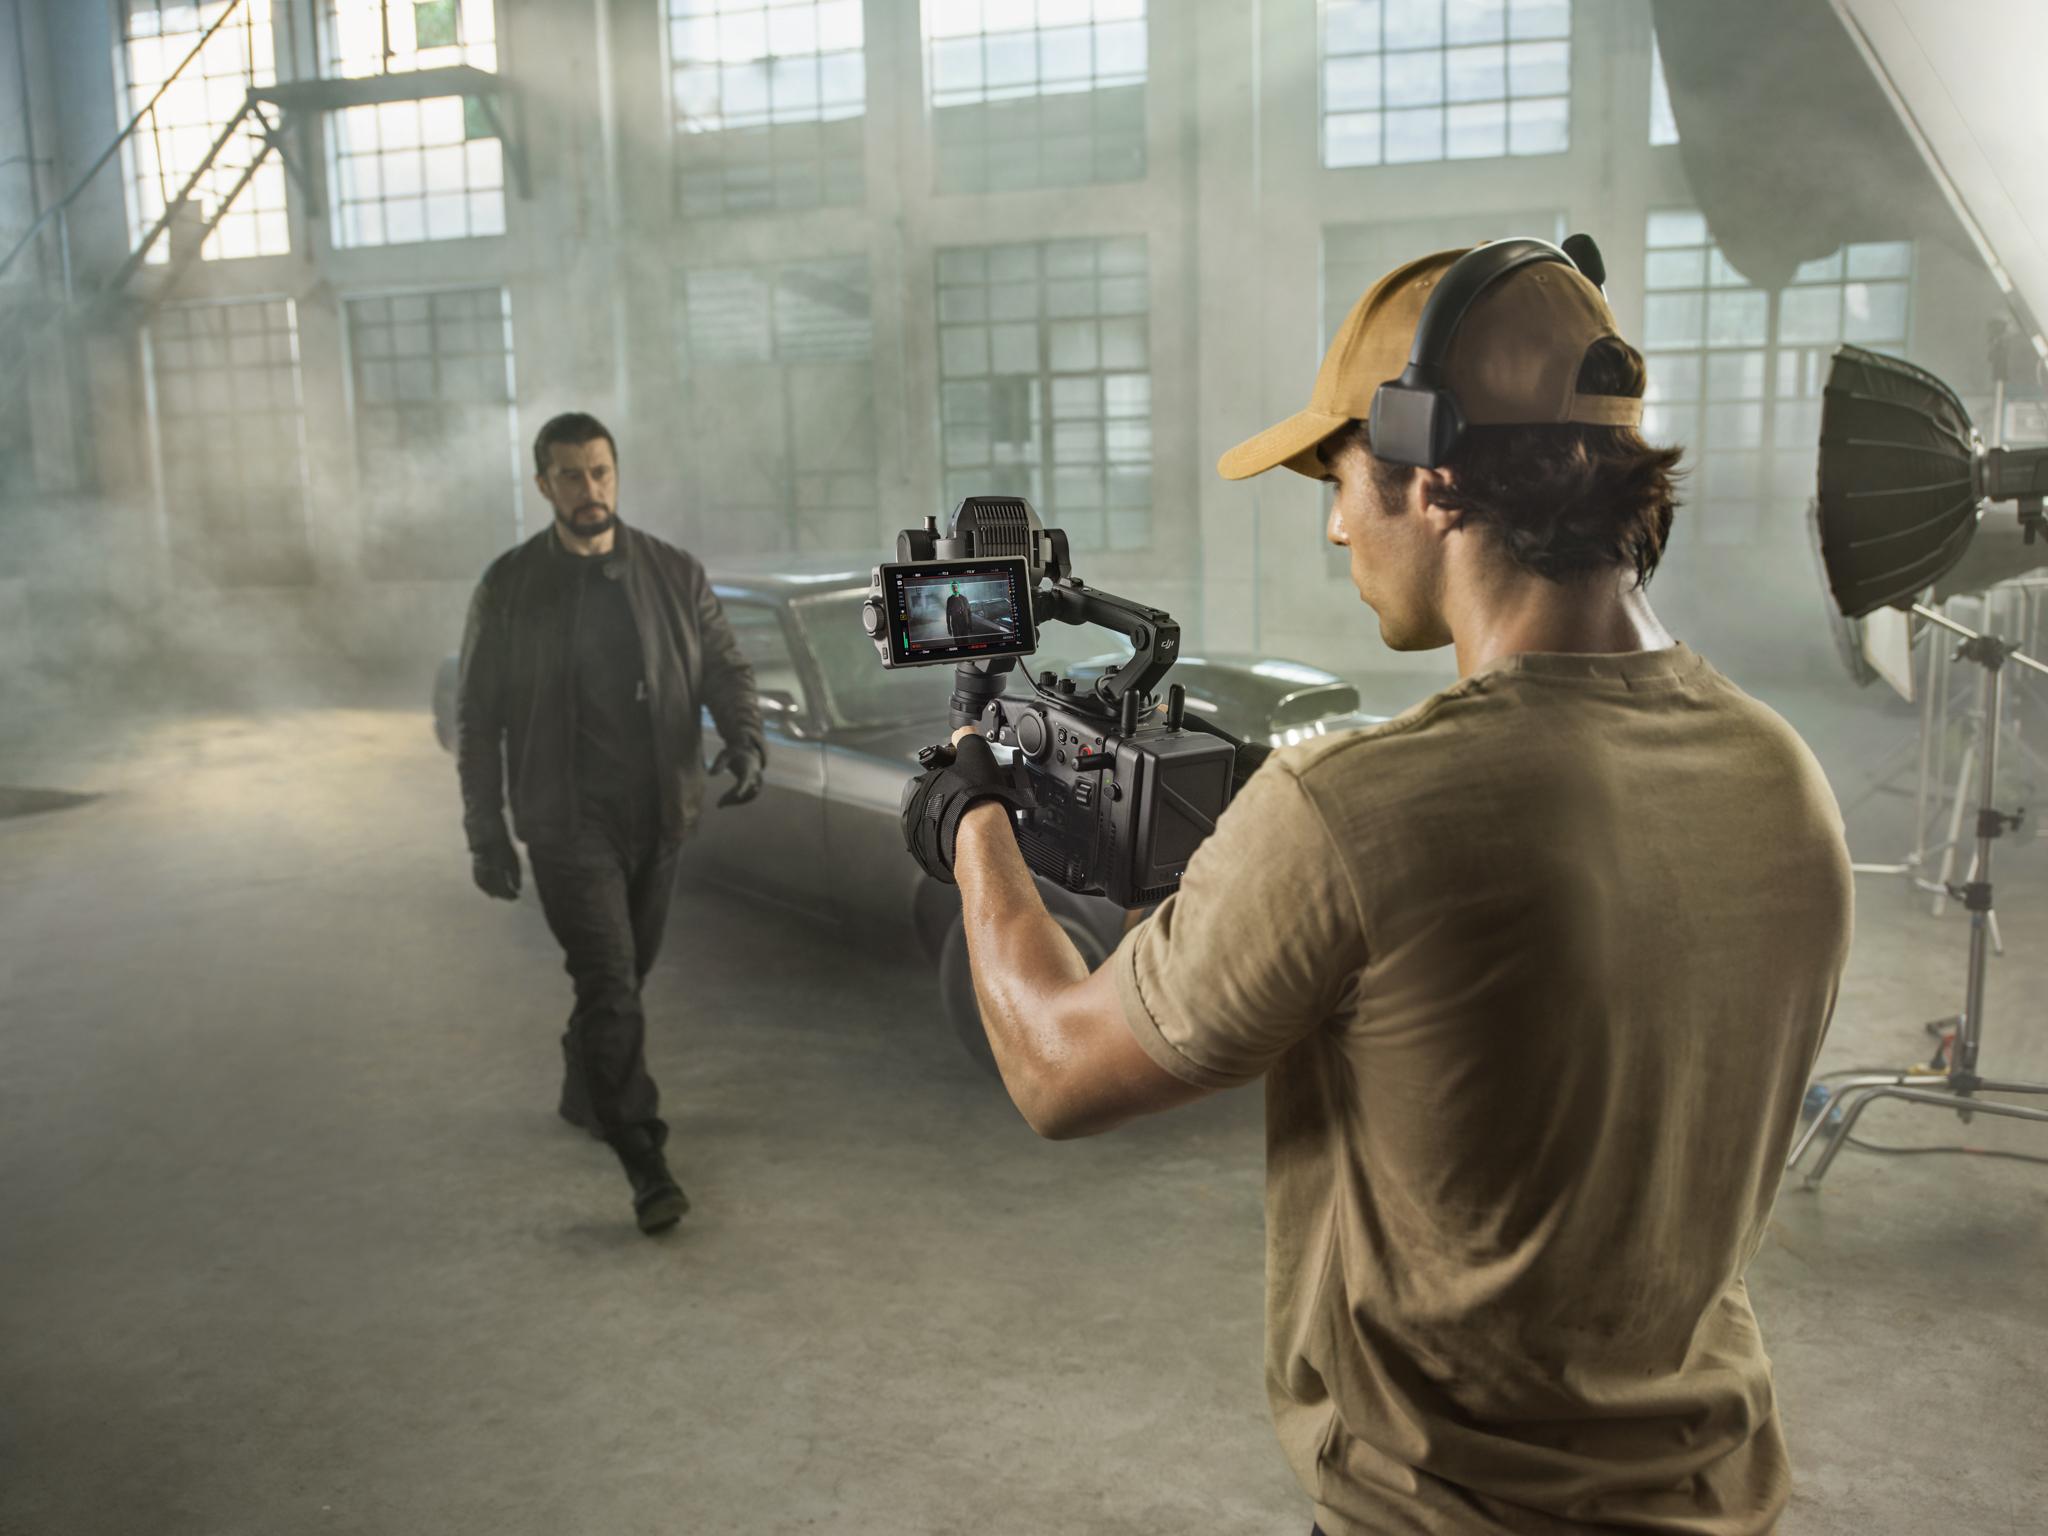 四軸!雷射跟焦!無線圖傳! DJI發佈首款電影攝影機DJI Ronin 4D